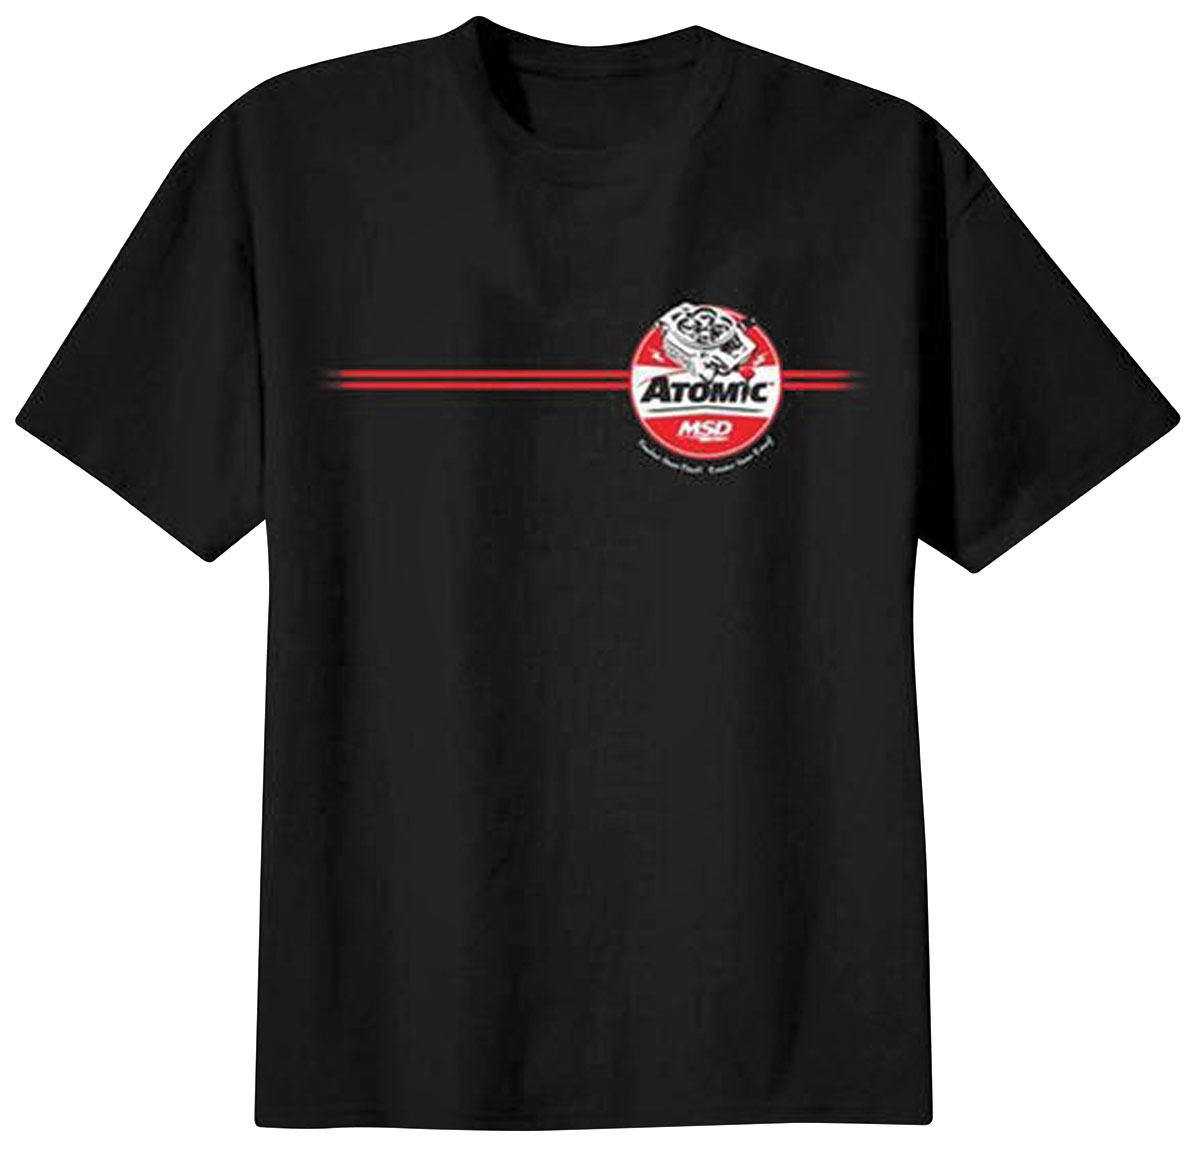 Photo of MSD Atomic T-Shirt